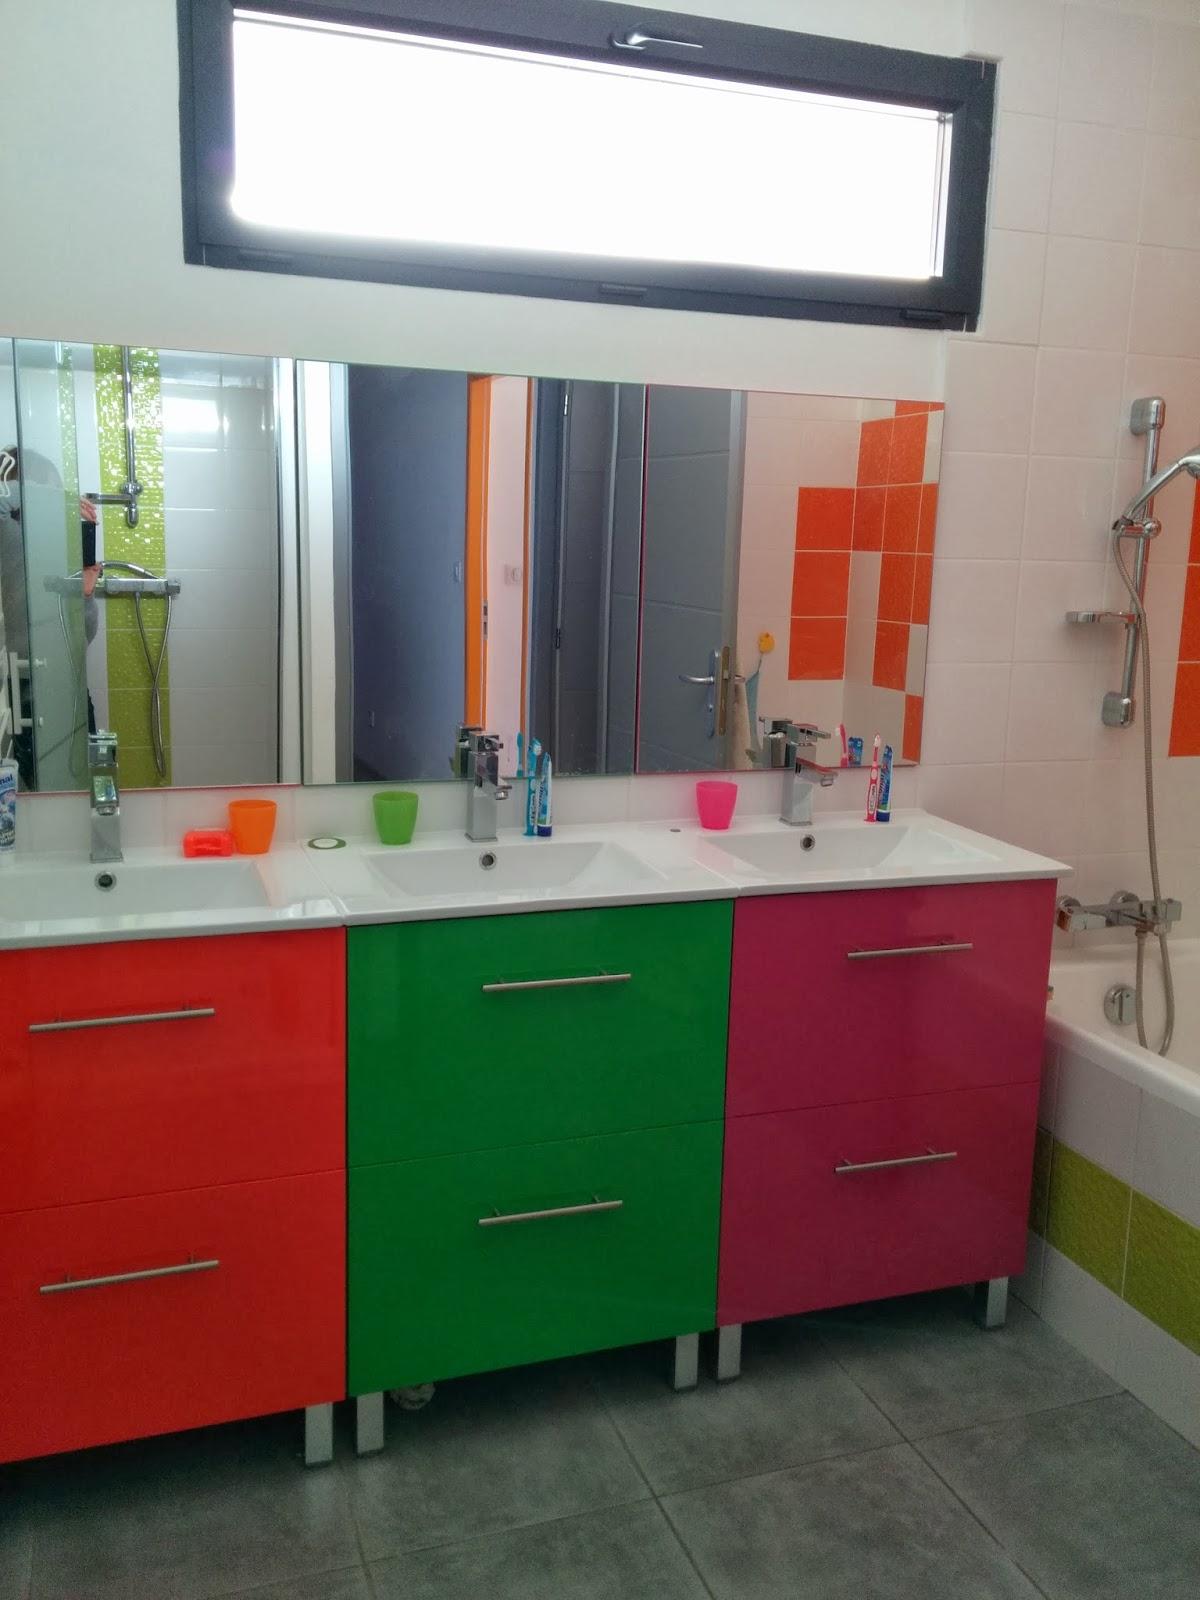 Le blog d 39 alizarine d co la salle de bains des enfants for Blog deco salle de bain